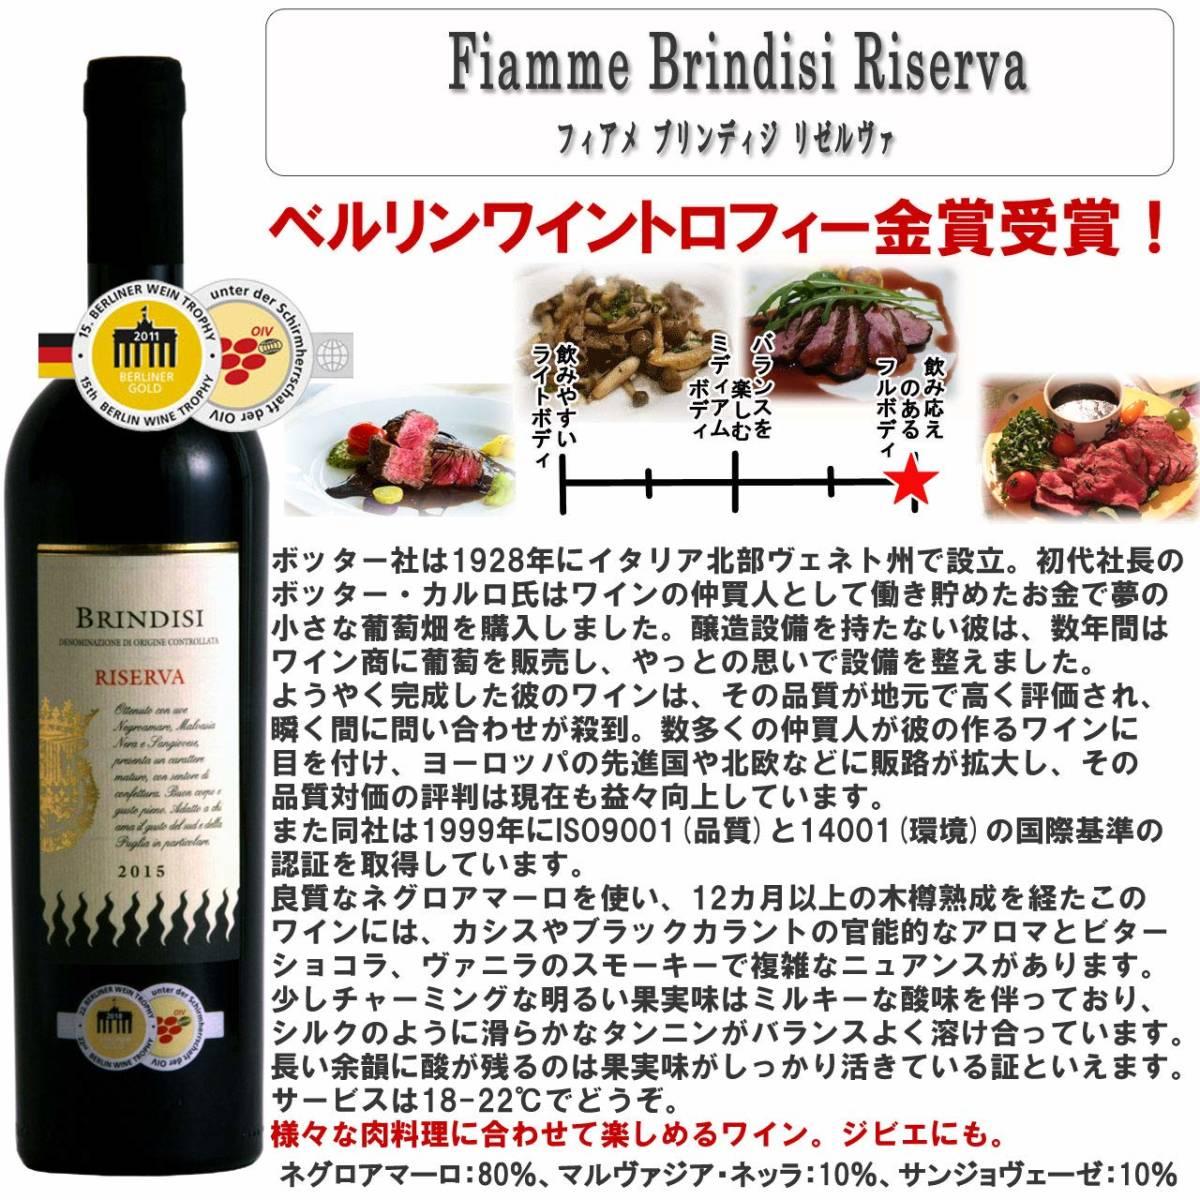 厳選イタリア赤ワイン イタリア名家飲み比べ ソムリエ厳選ワインセット 赤ワイン 750ml 5本_画像4